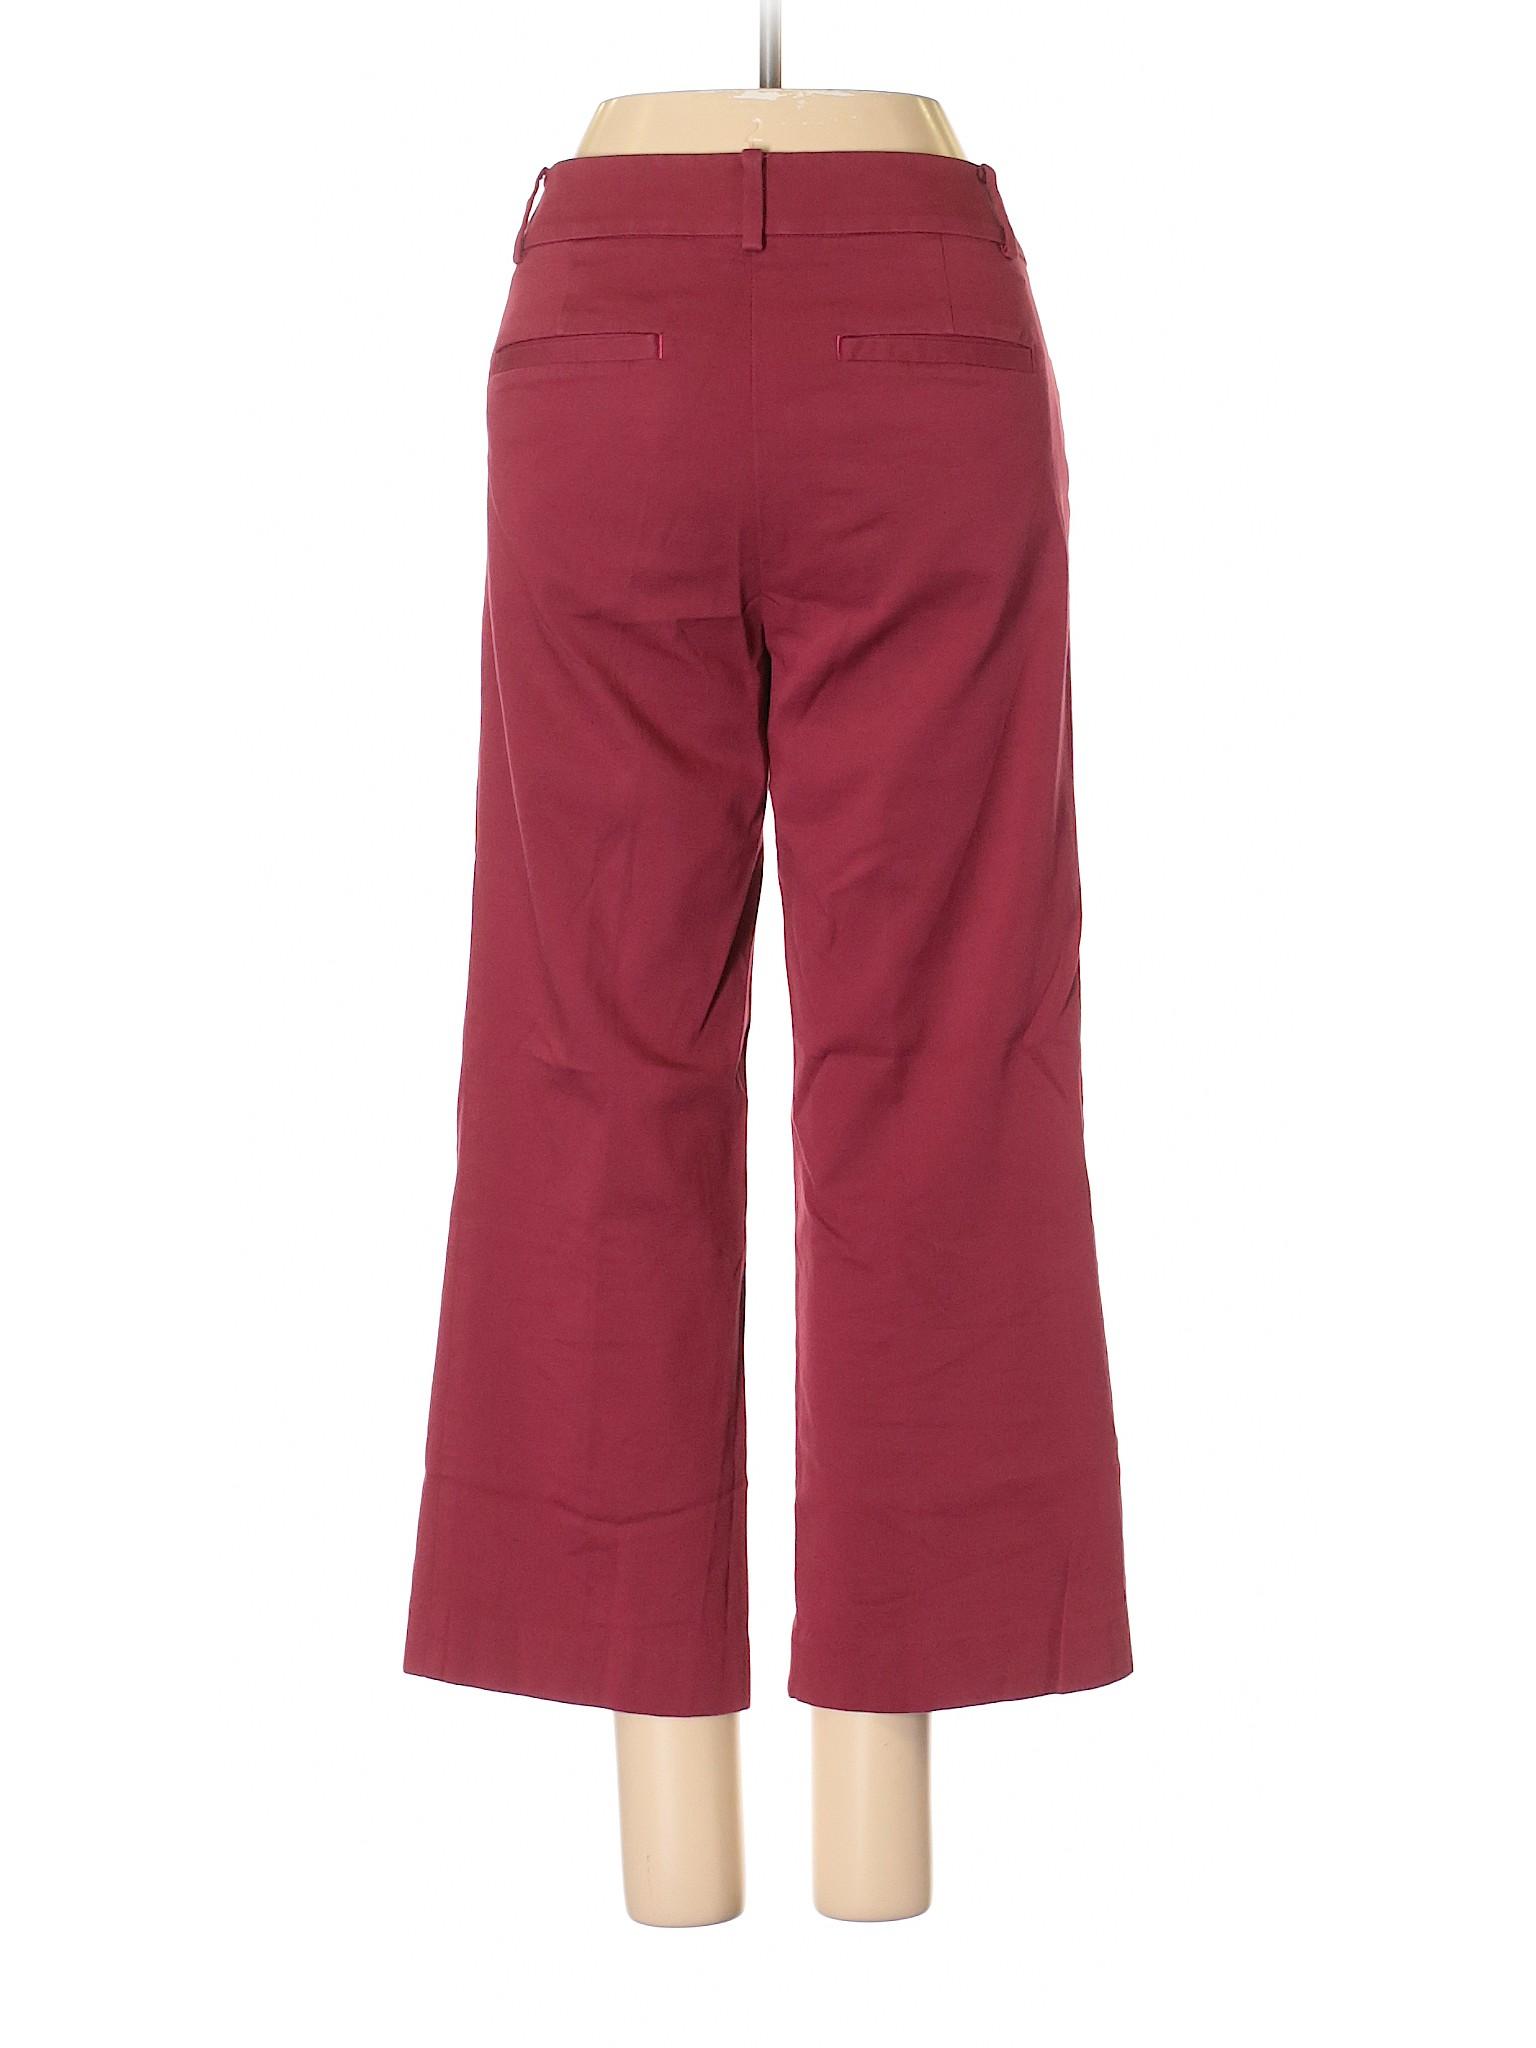 Ann Pants Taylor Boutique winter LOFT Dress OUgwag